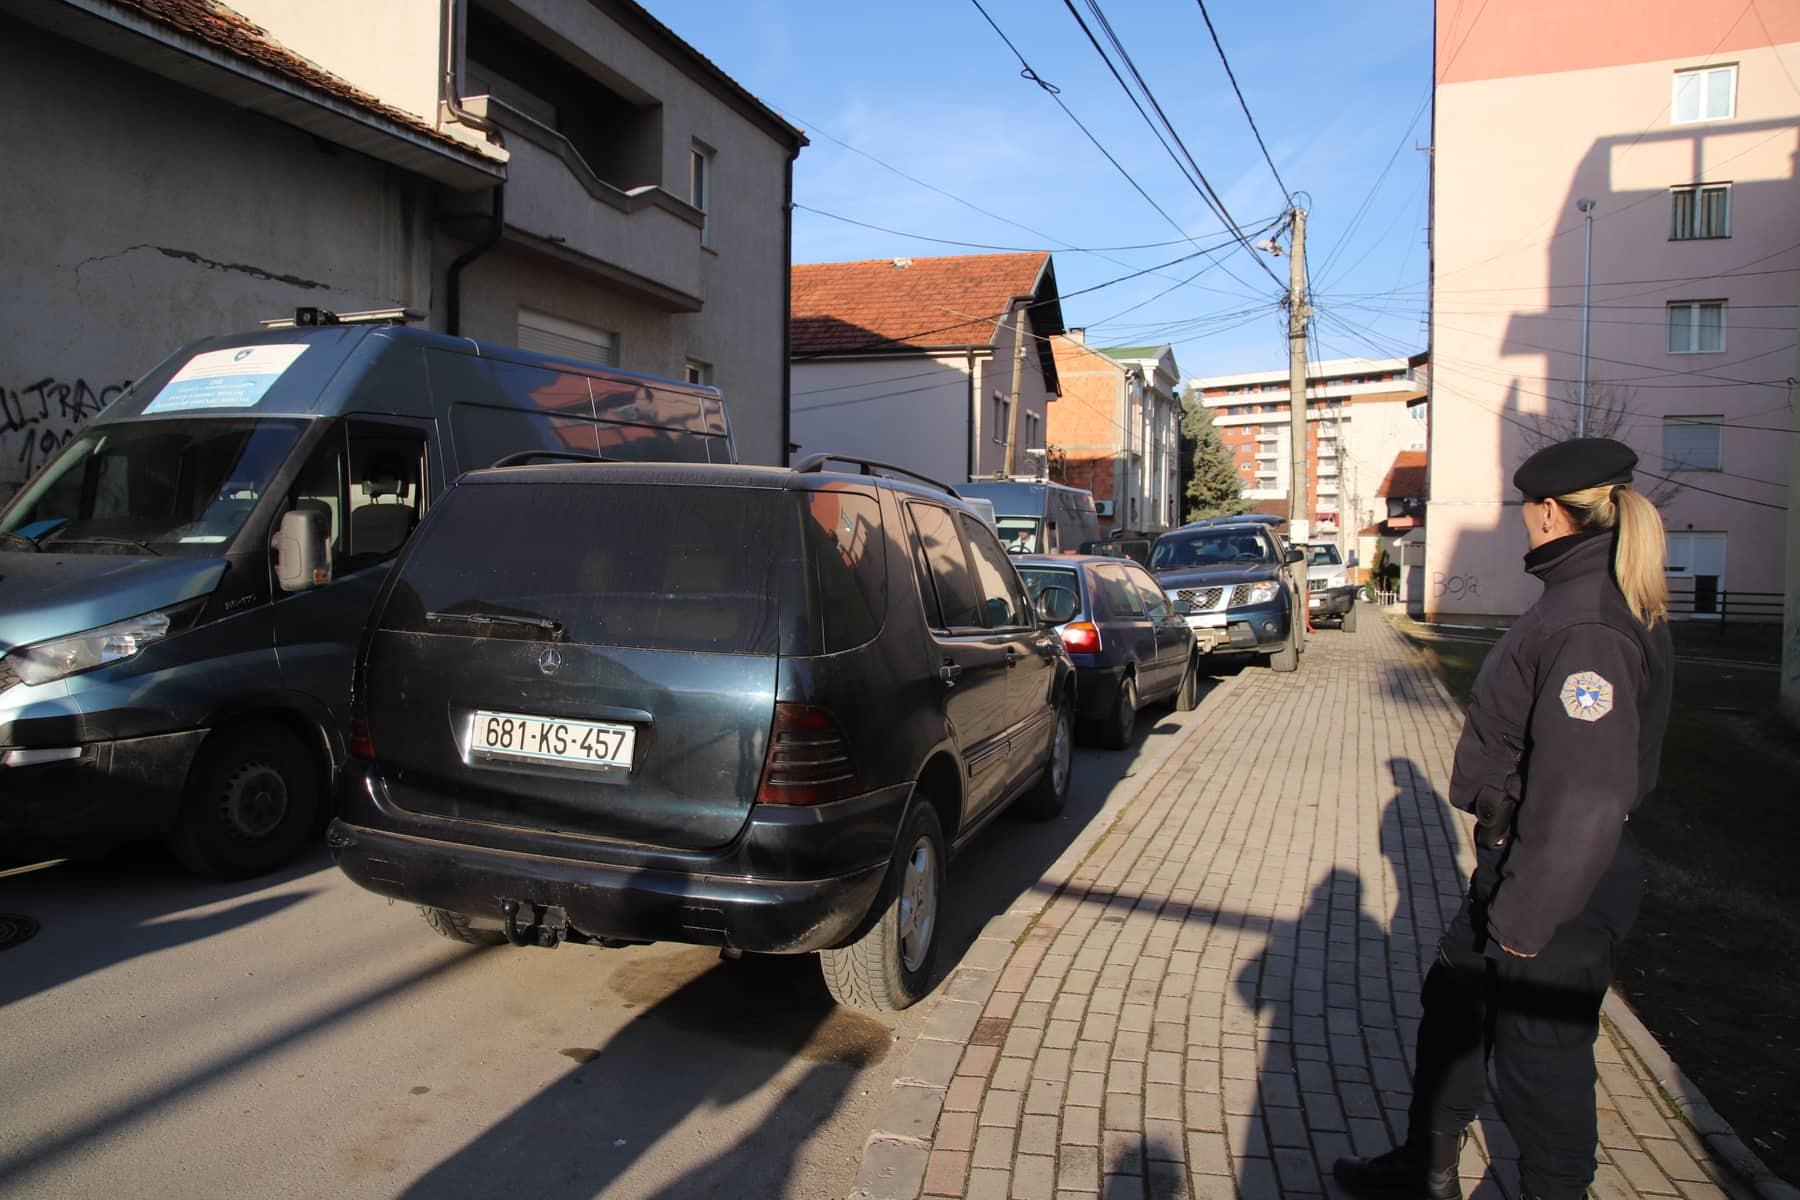 Pse ndodhi vrasja e shumëfishtë në Gjilan? Zbulohen motivet